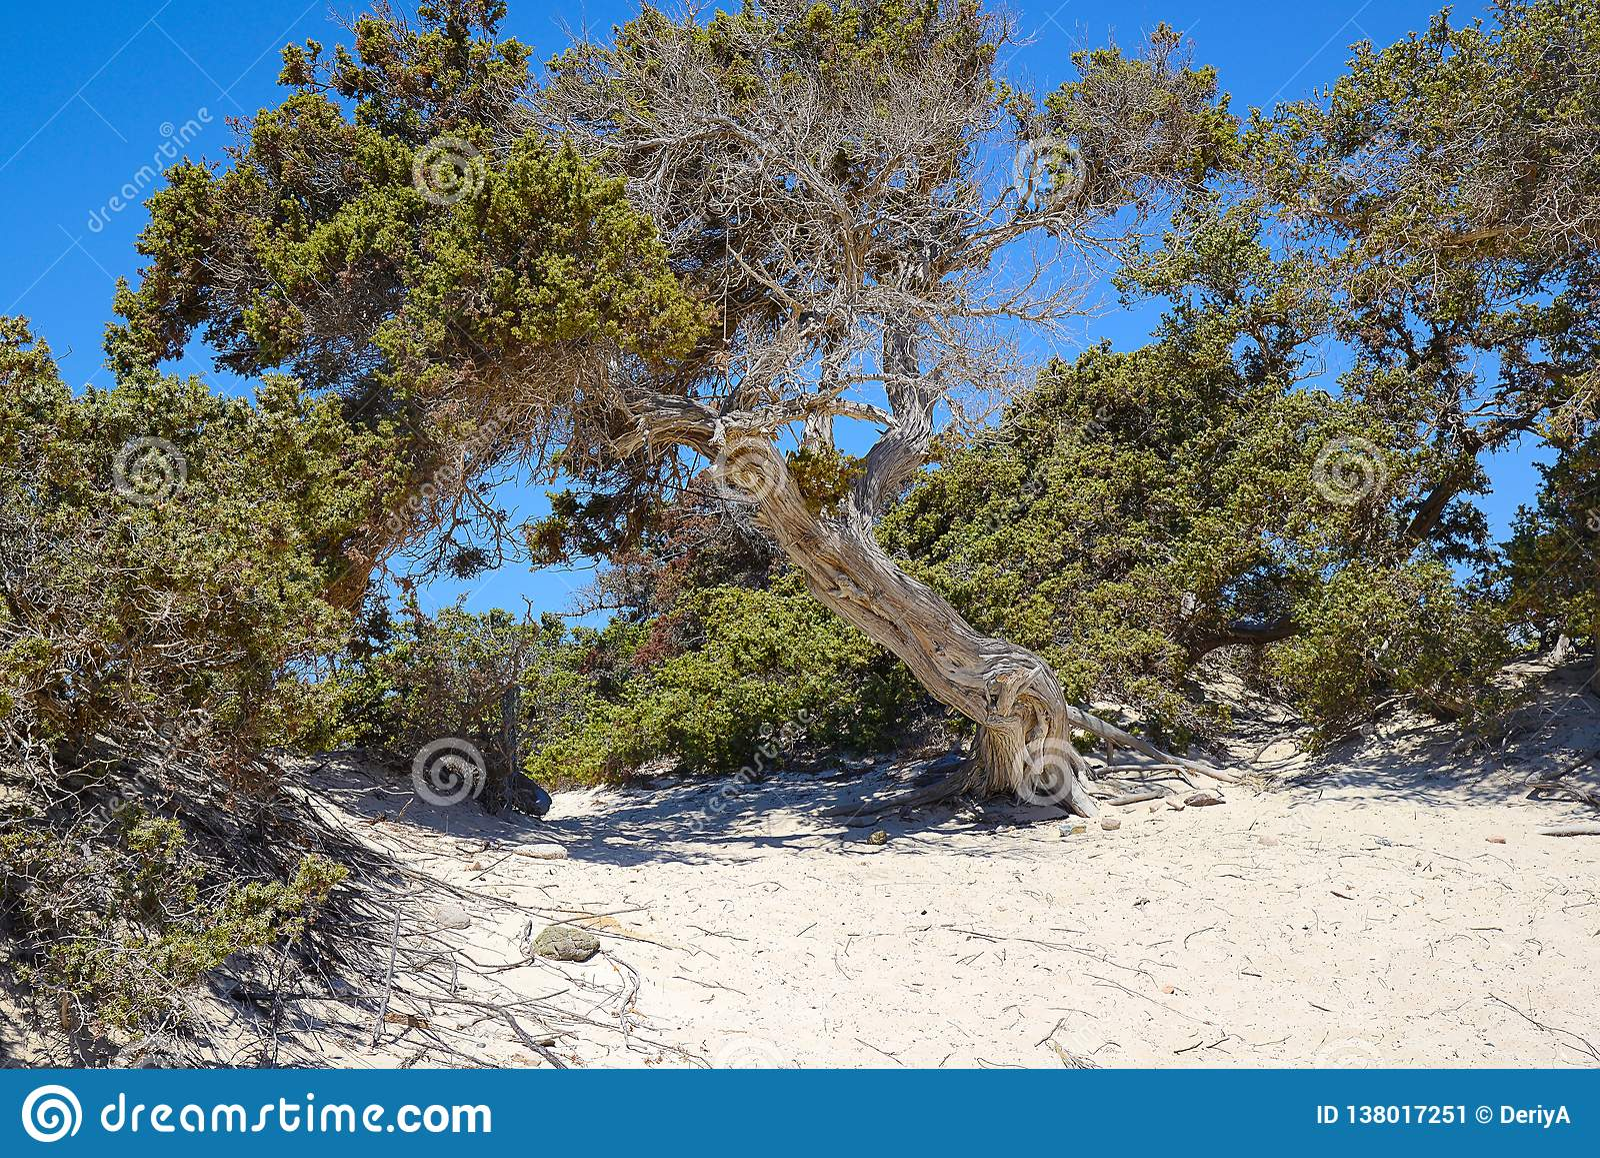 Можжевельник на необитаемом острове Chrissi, охраняемой территории, Греции